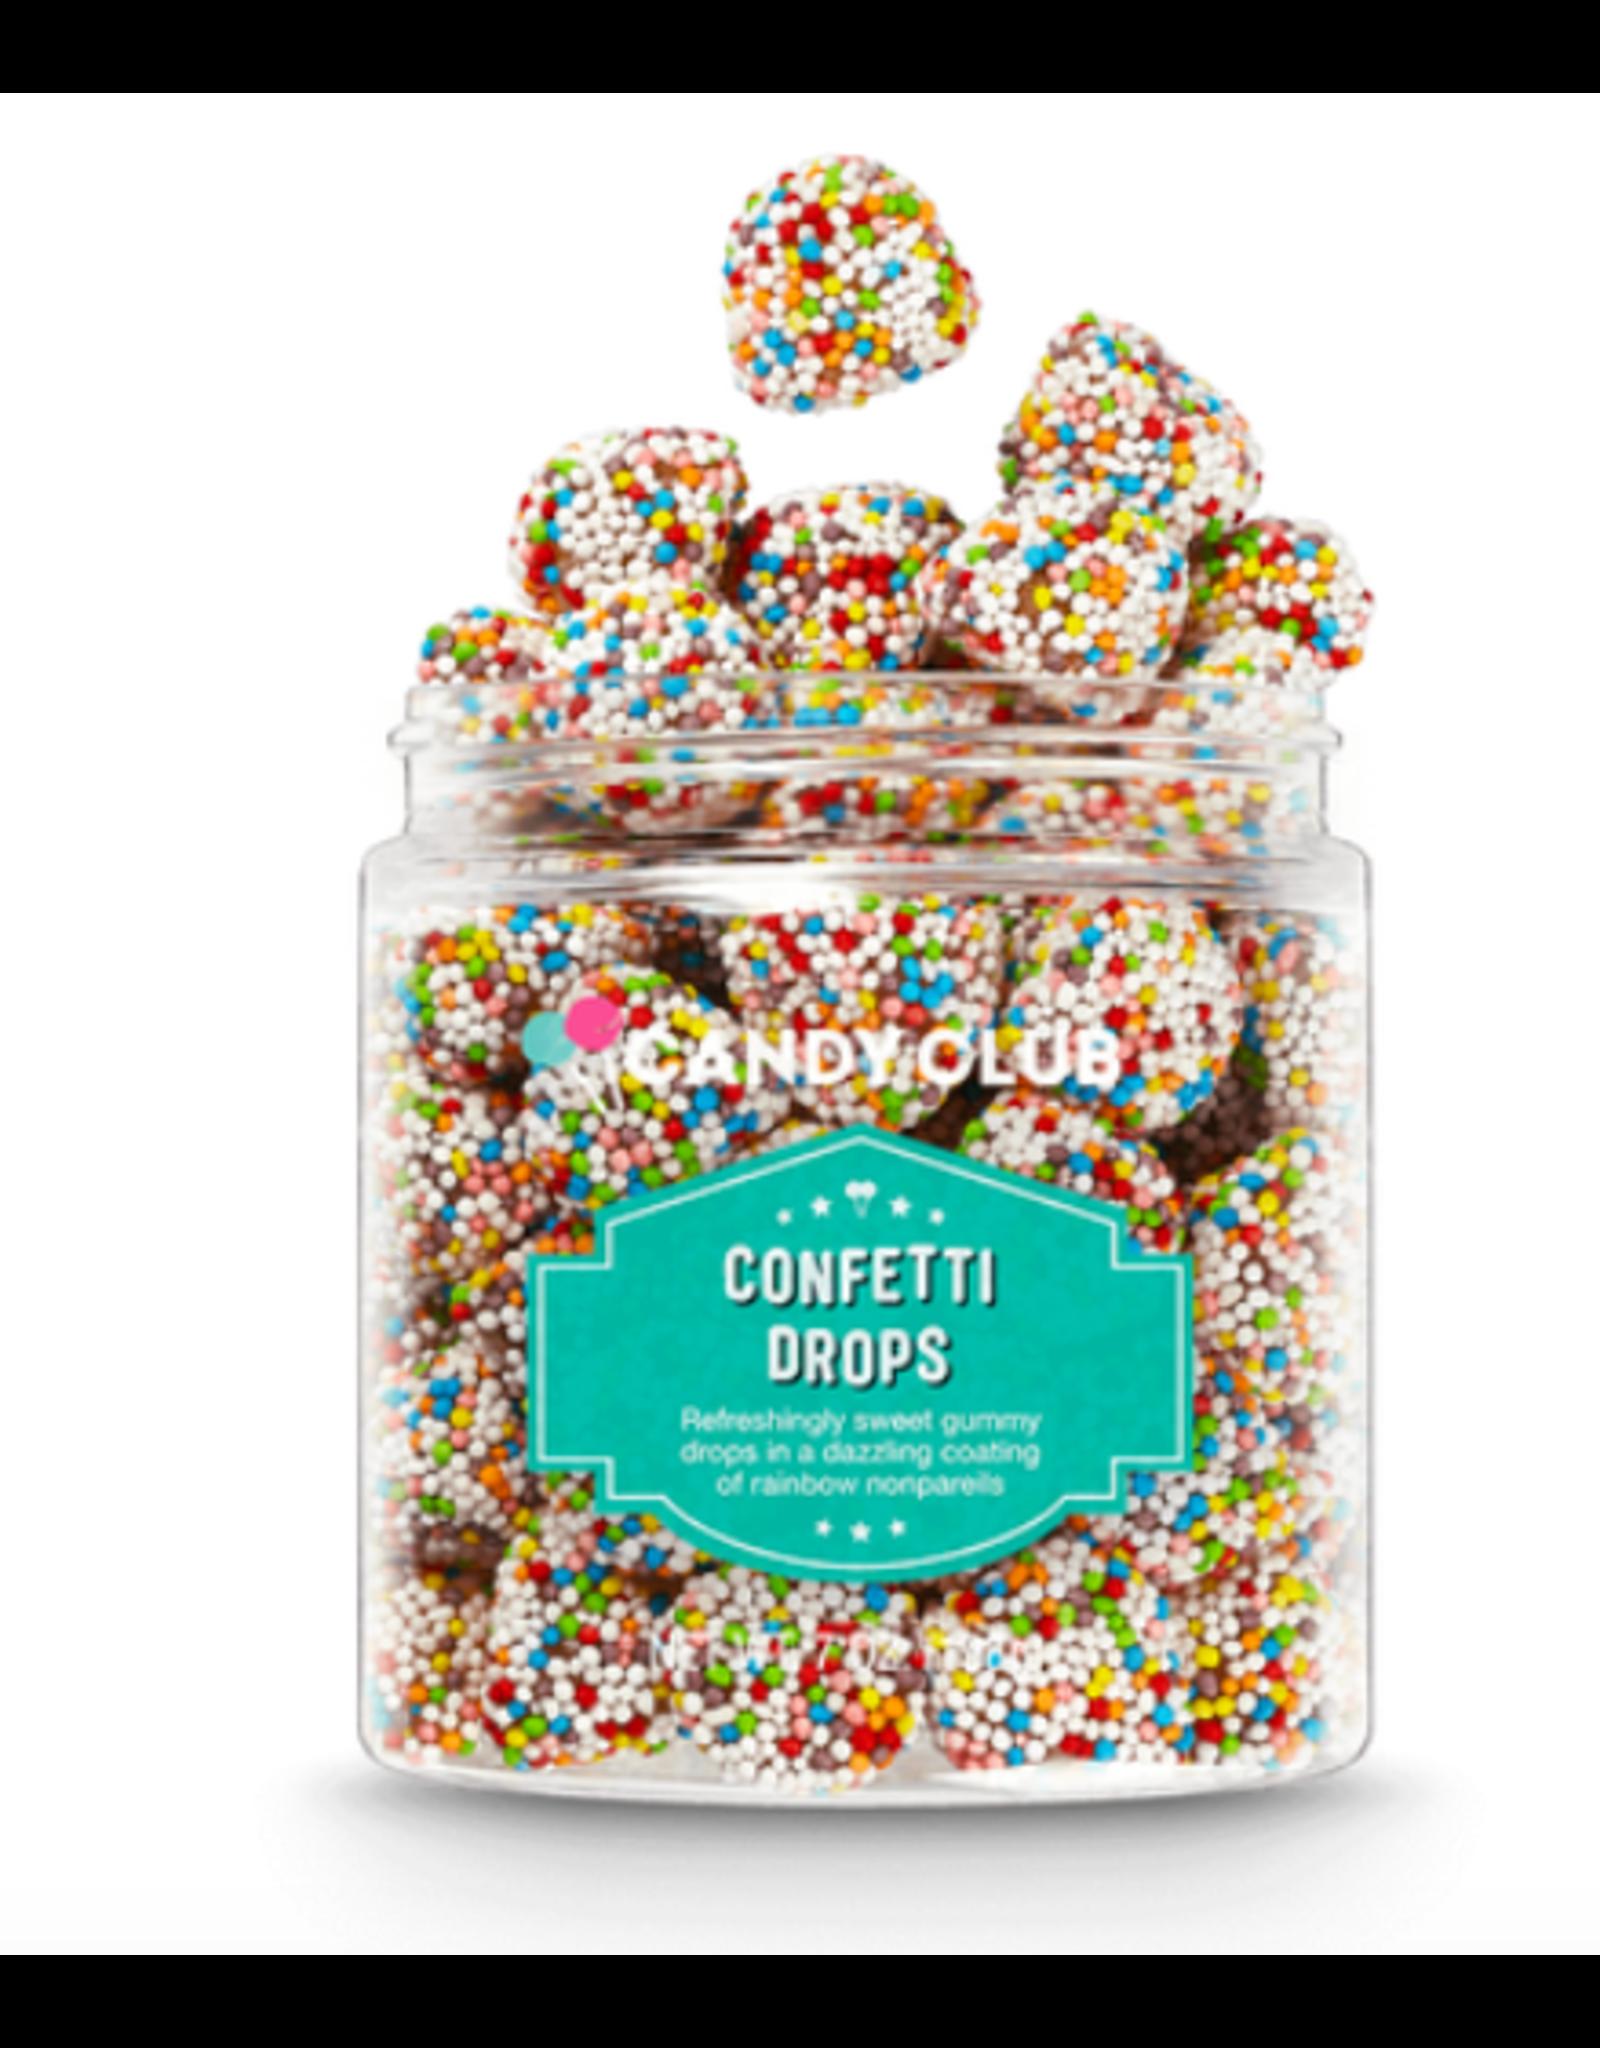 Candy Club Confetti Drops Candy Jar